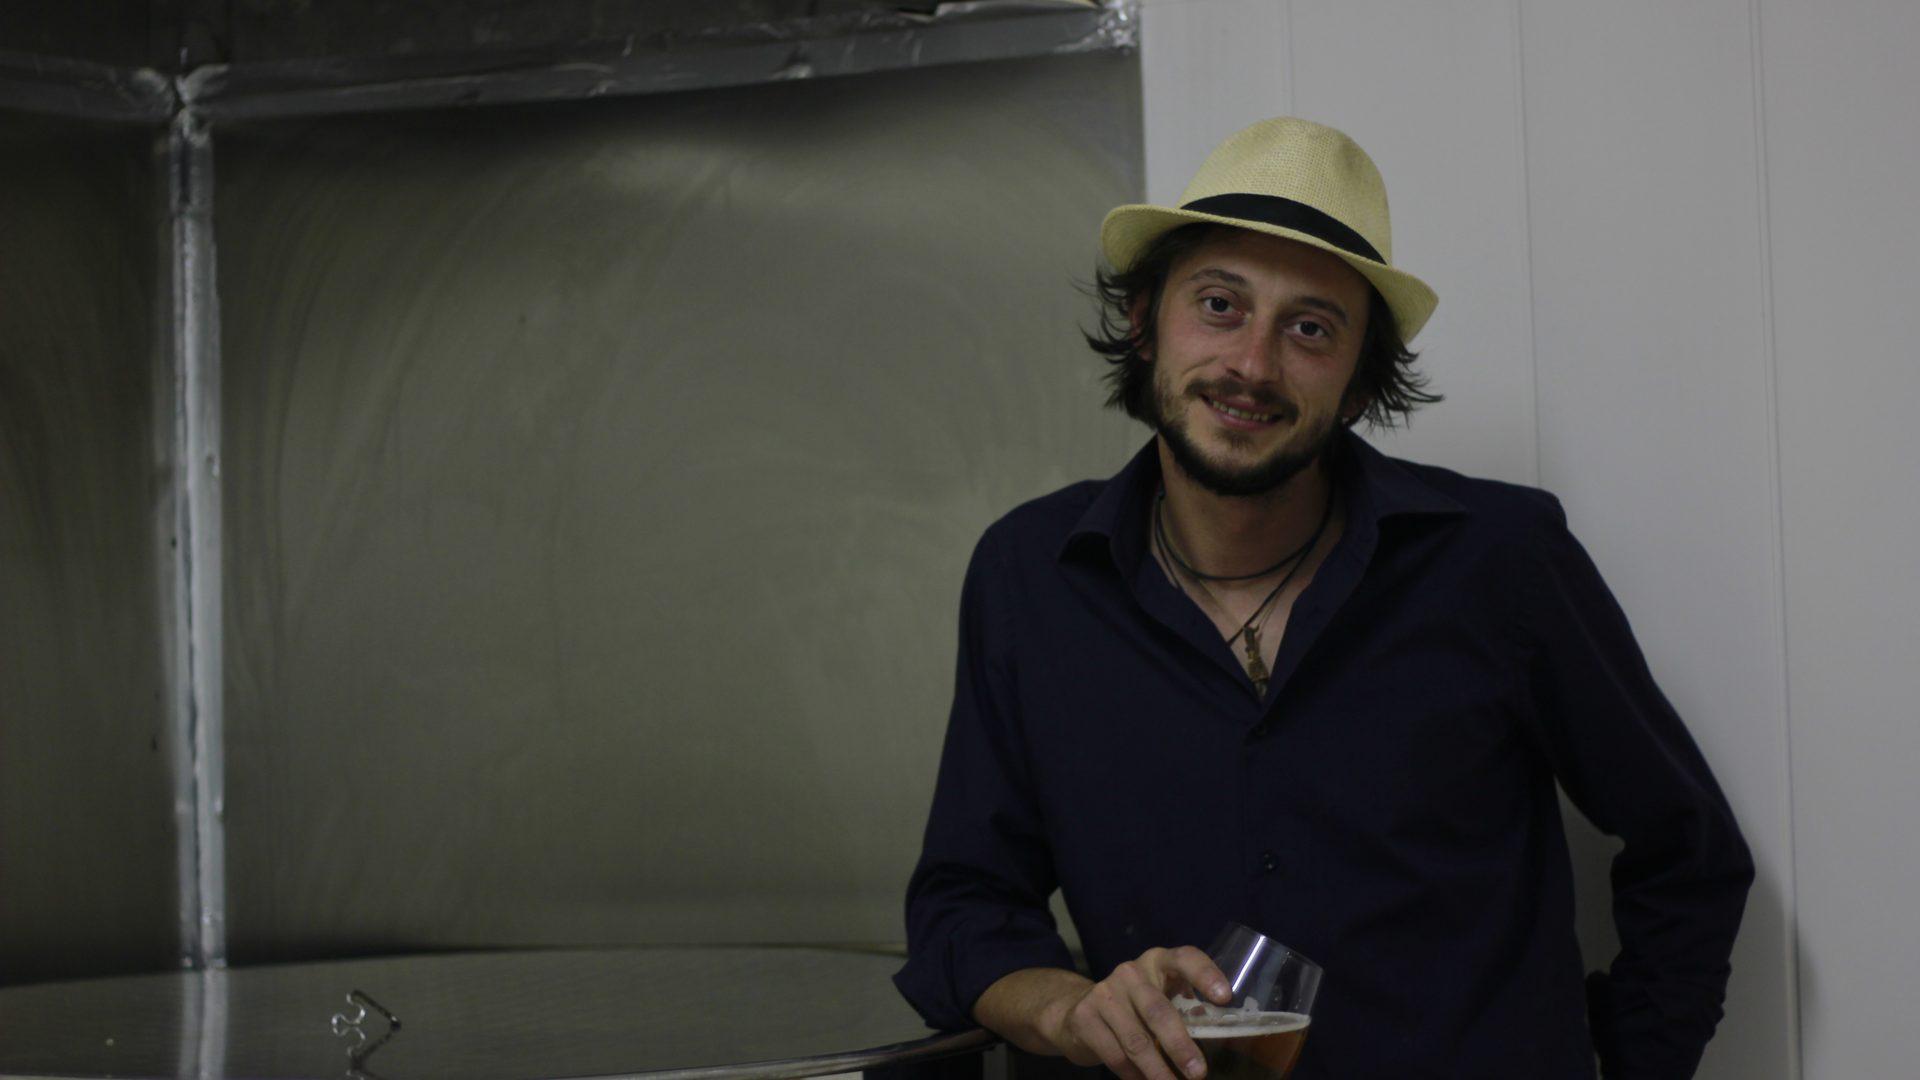 Gaetano Martucci